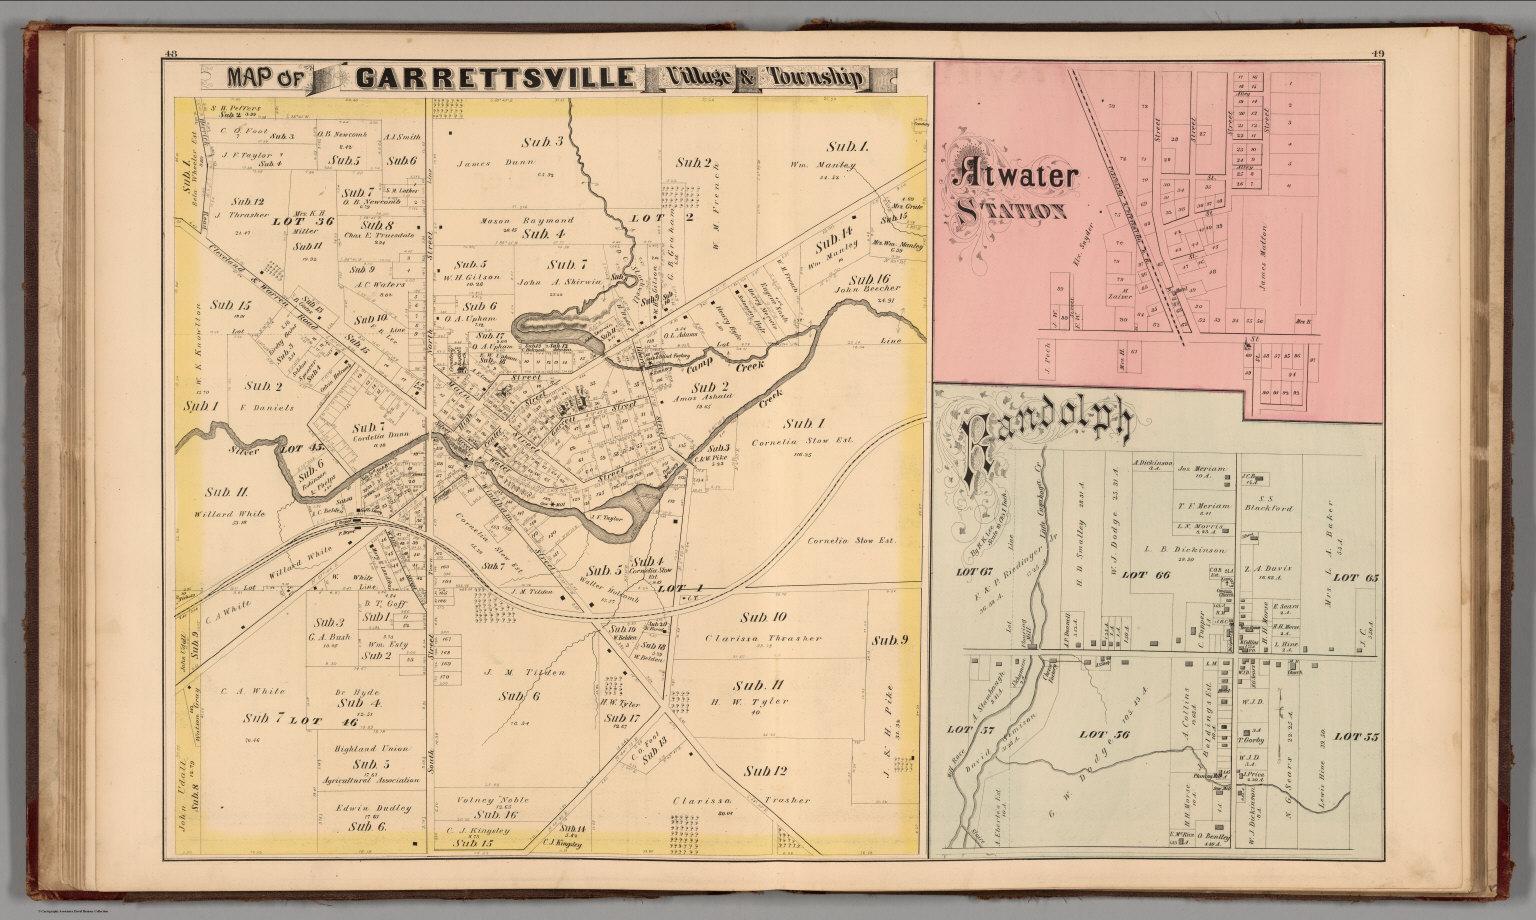 Atwater Ohio Map.Garrettsville Village Township Atwater Station Randolf Portage